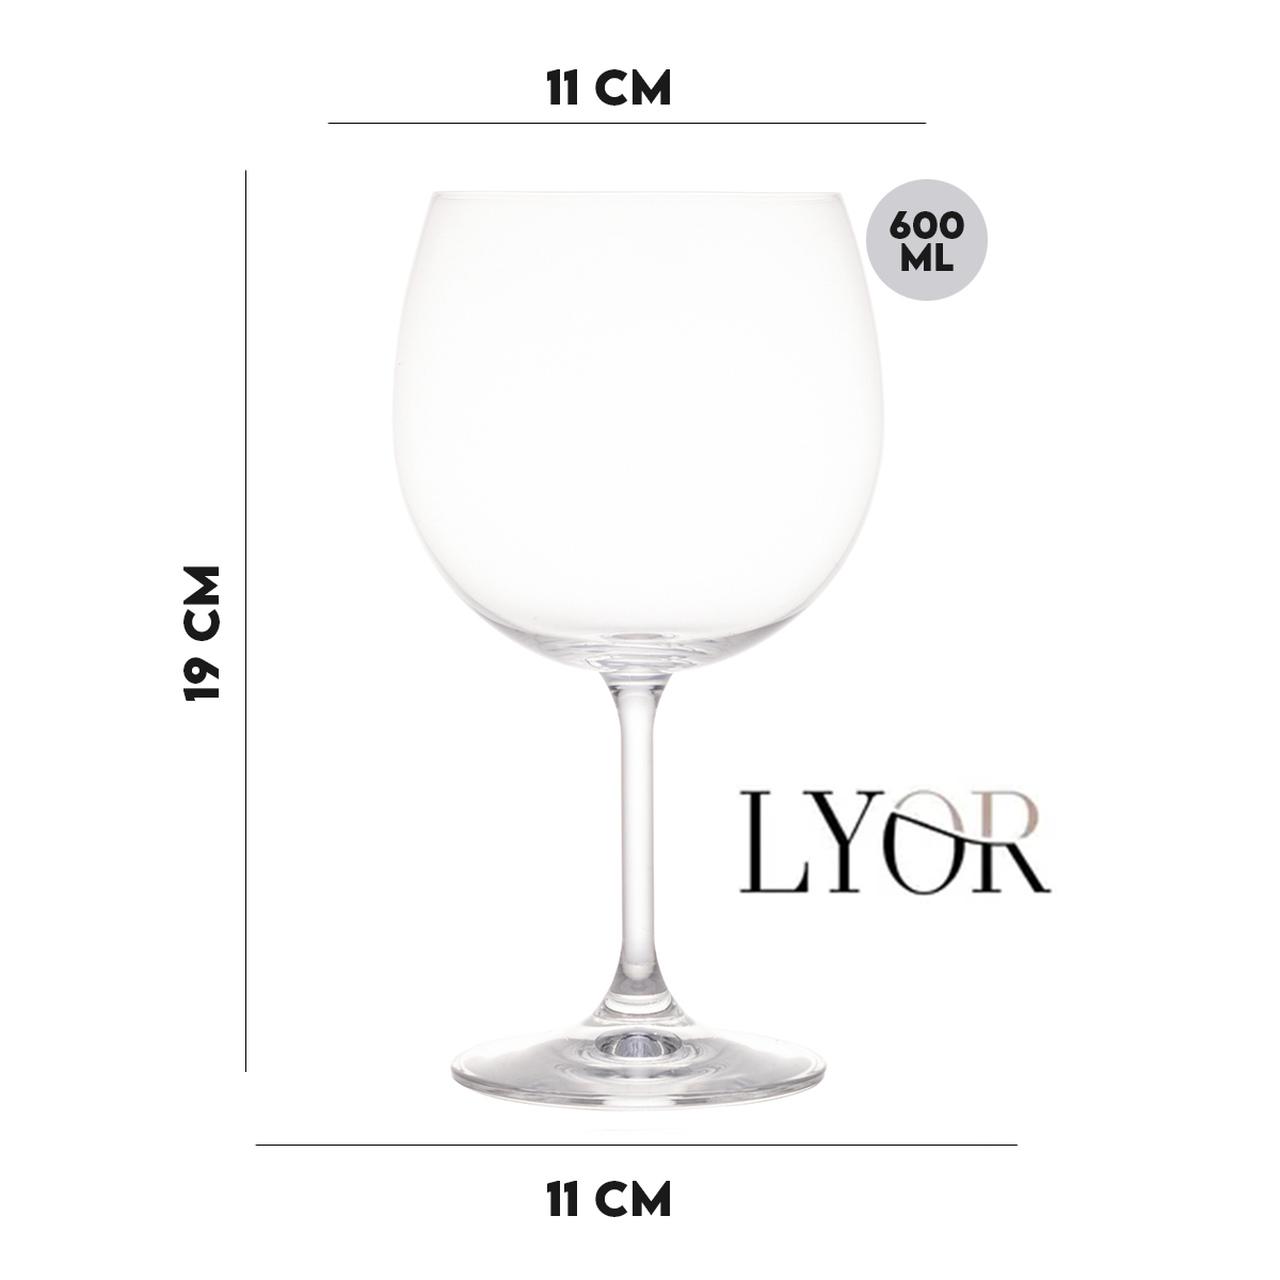 Jogo 12 Taças para Degustação Gin de Cristal Ecológico 600 ml  - Lemis